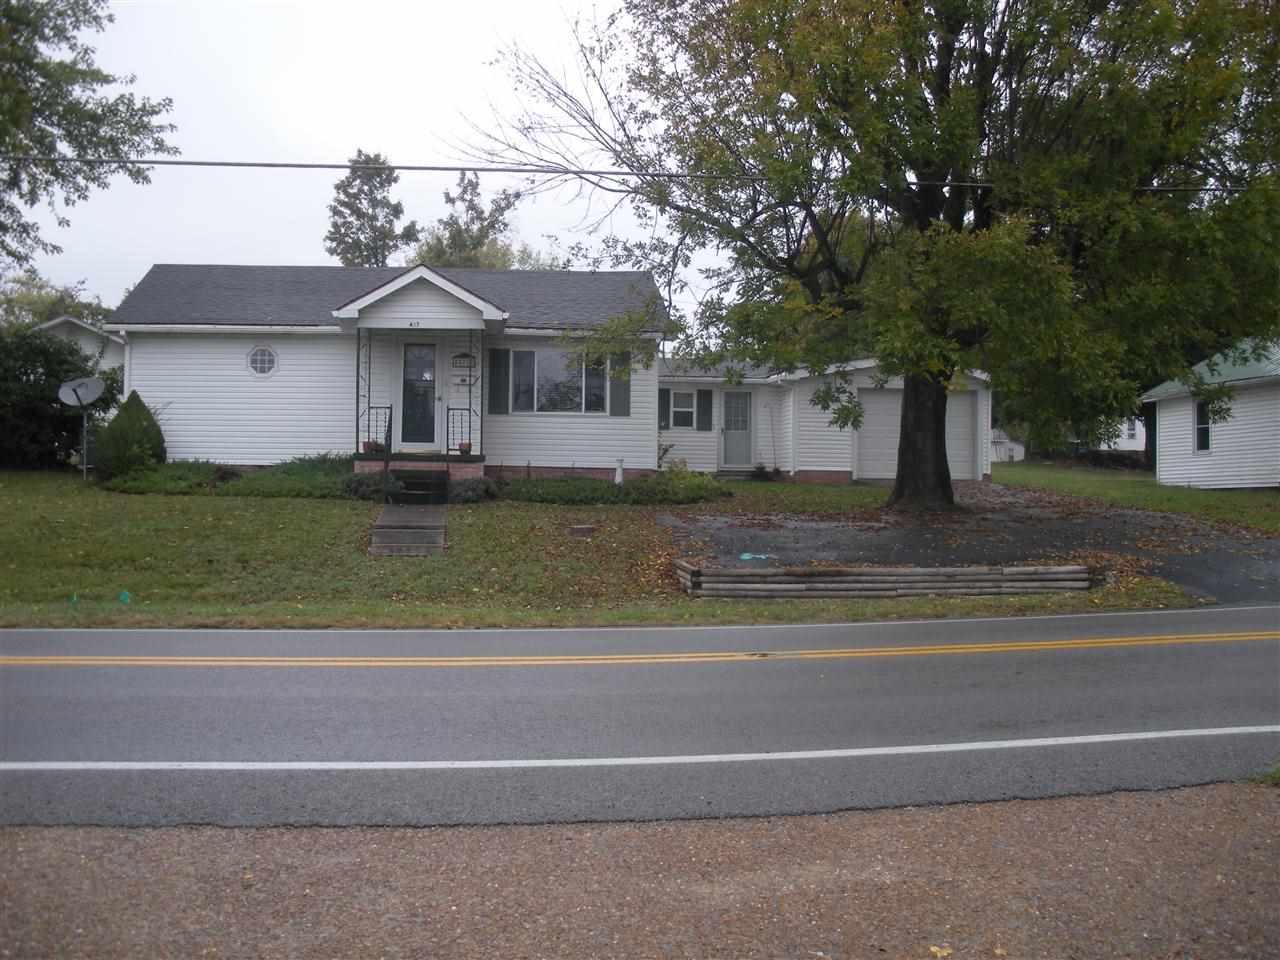 407 W Gum St, Marion, KY 42064